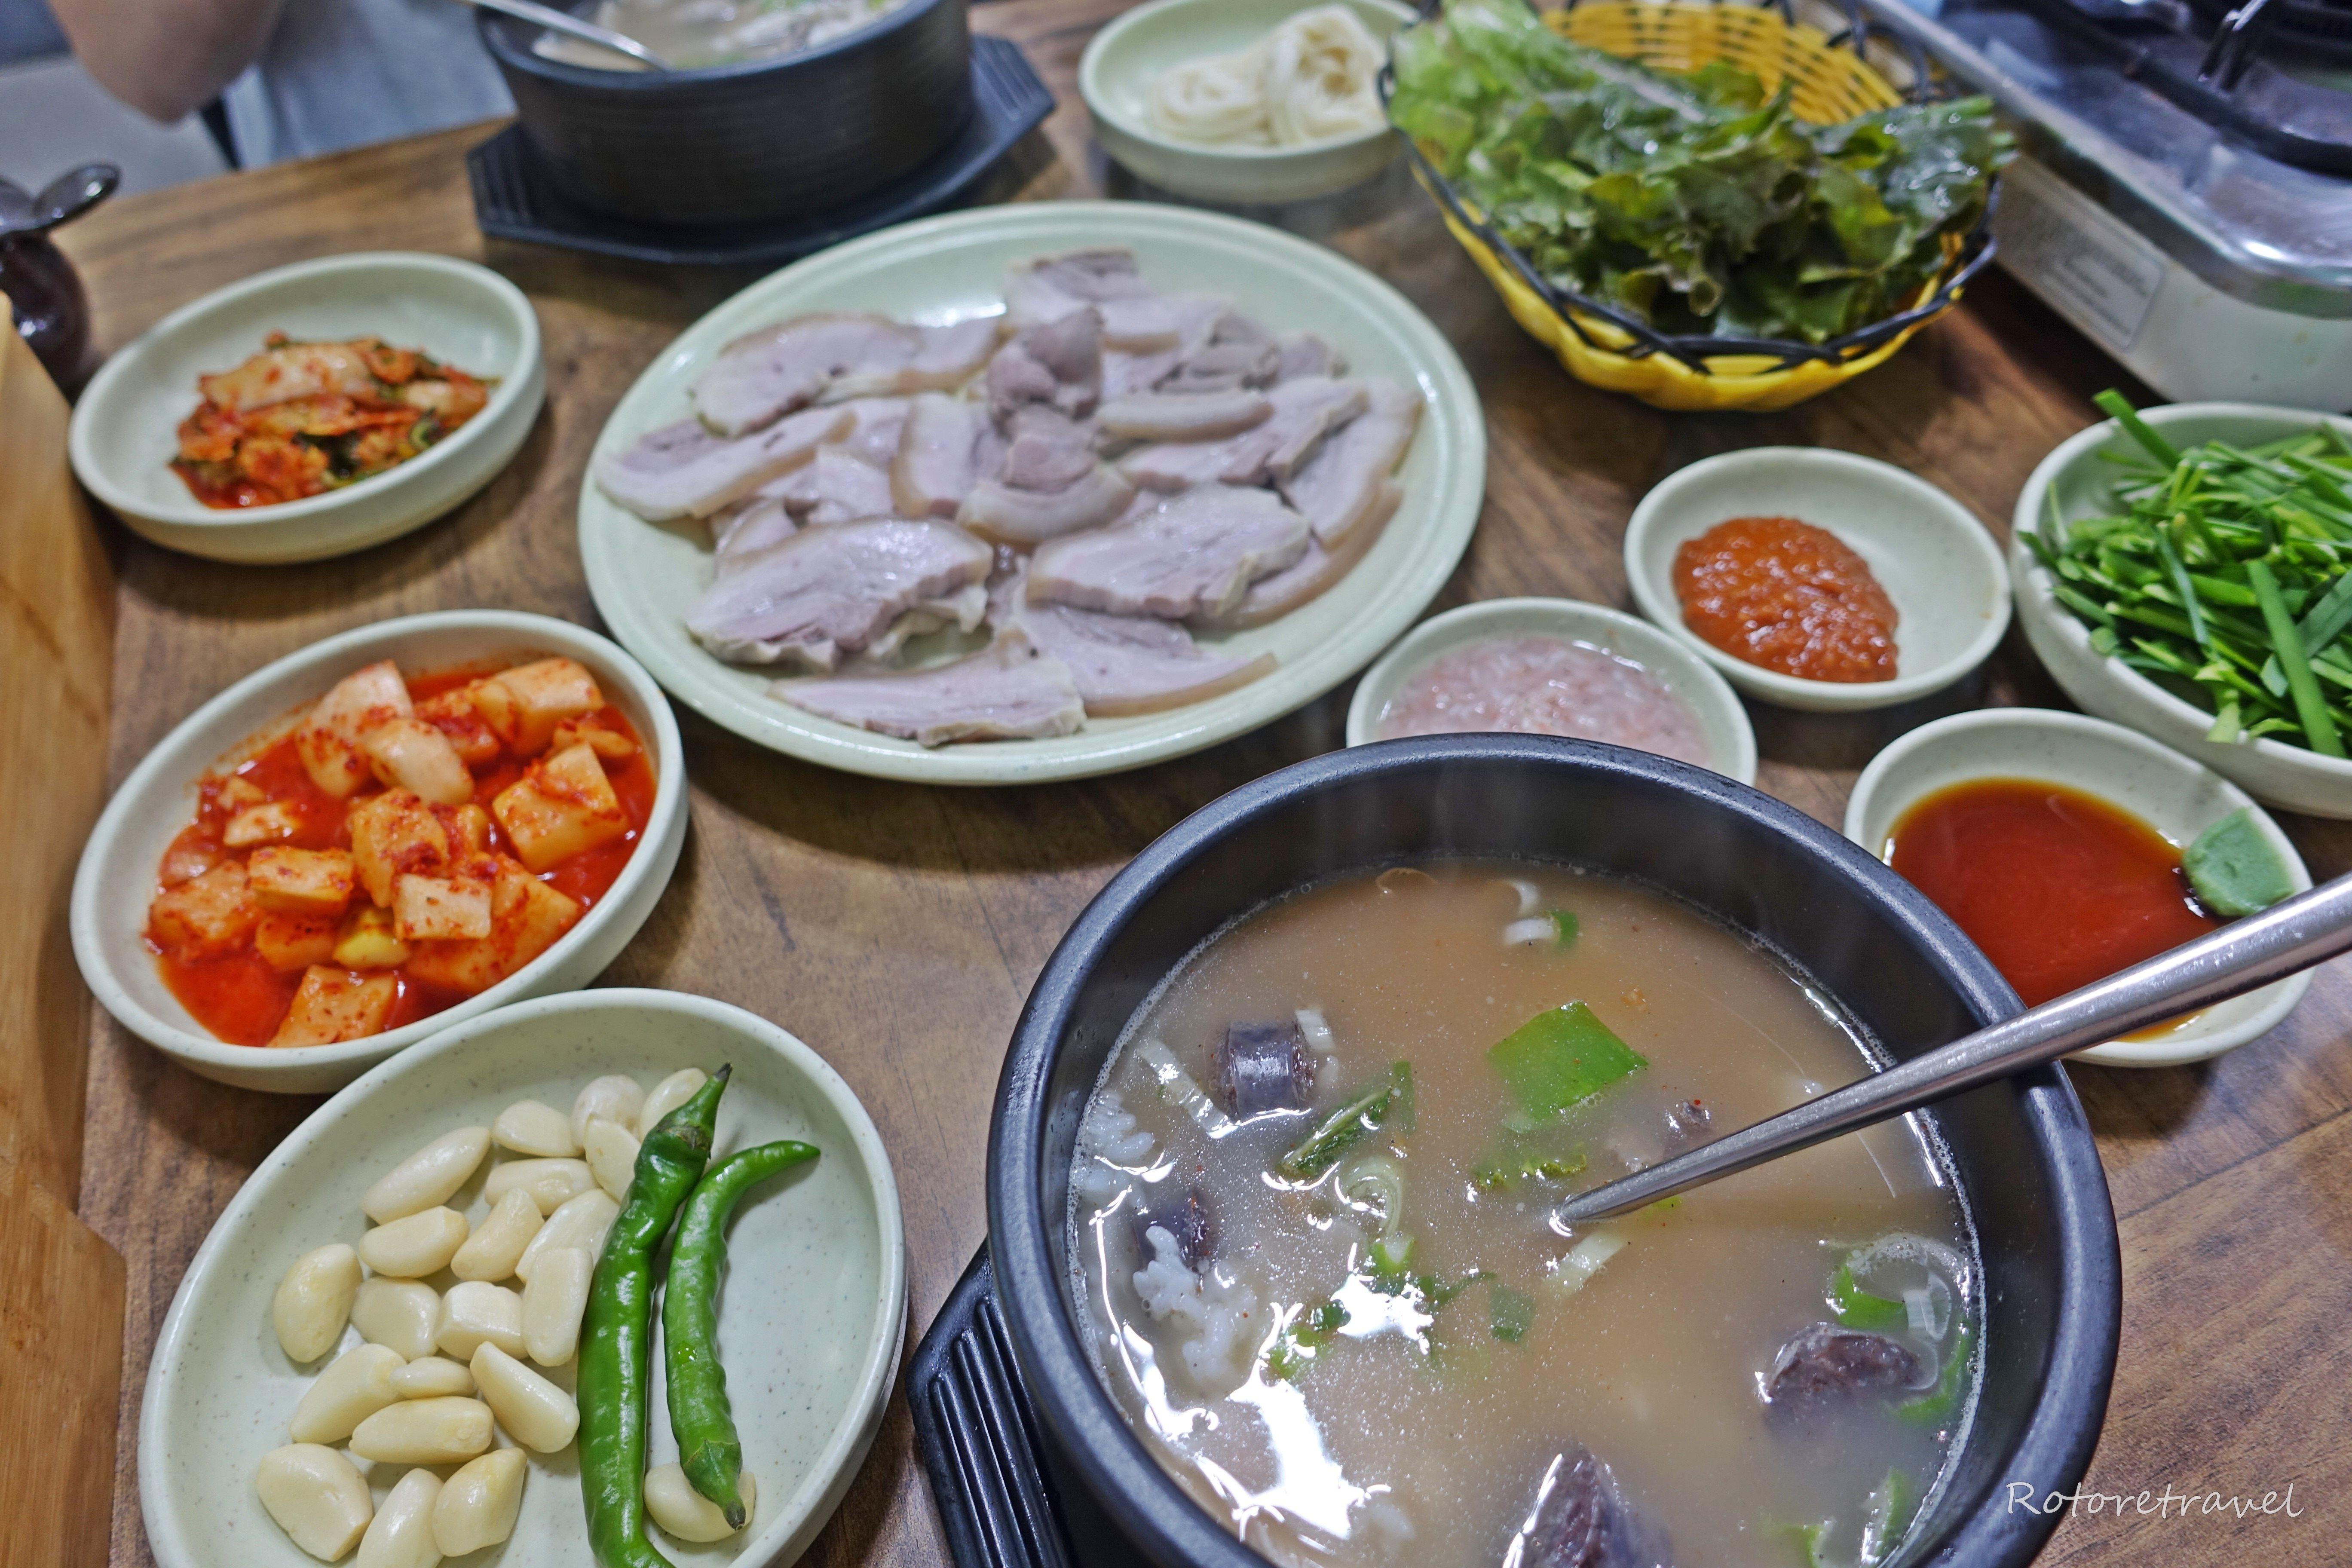 【韓国・釜山】真夏の海雲台市場でスンデクッパを食べて無駄に温まろう作戦(2018年8月